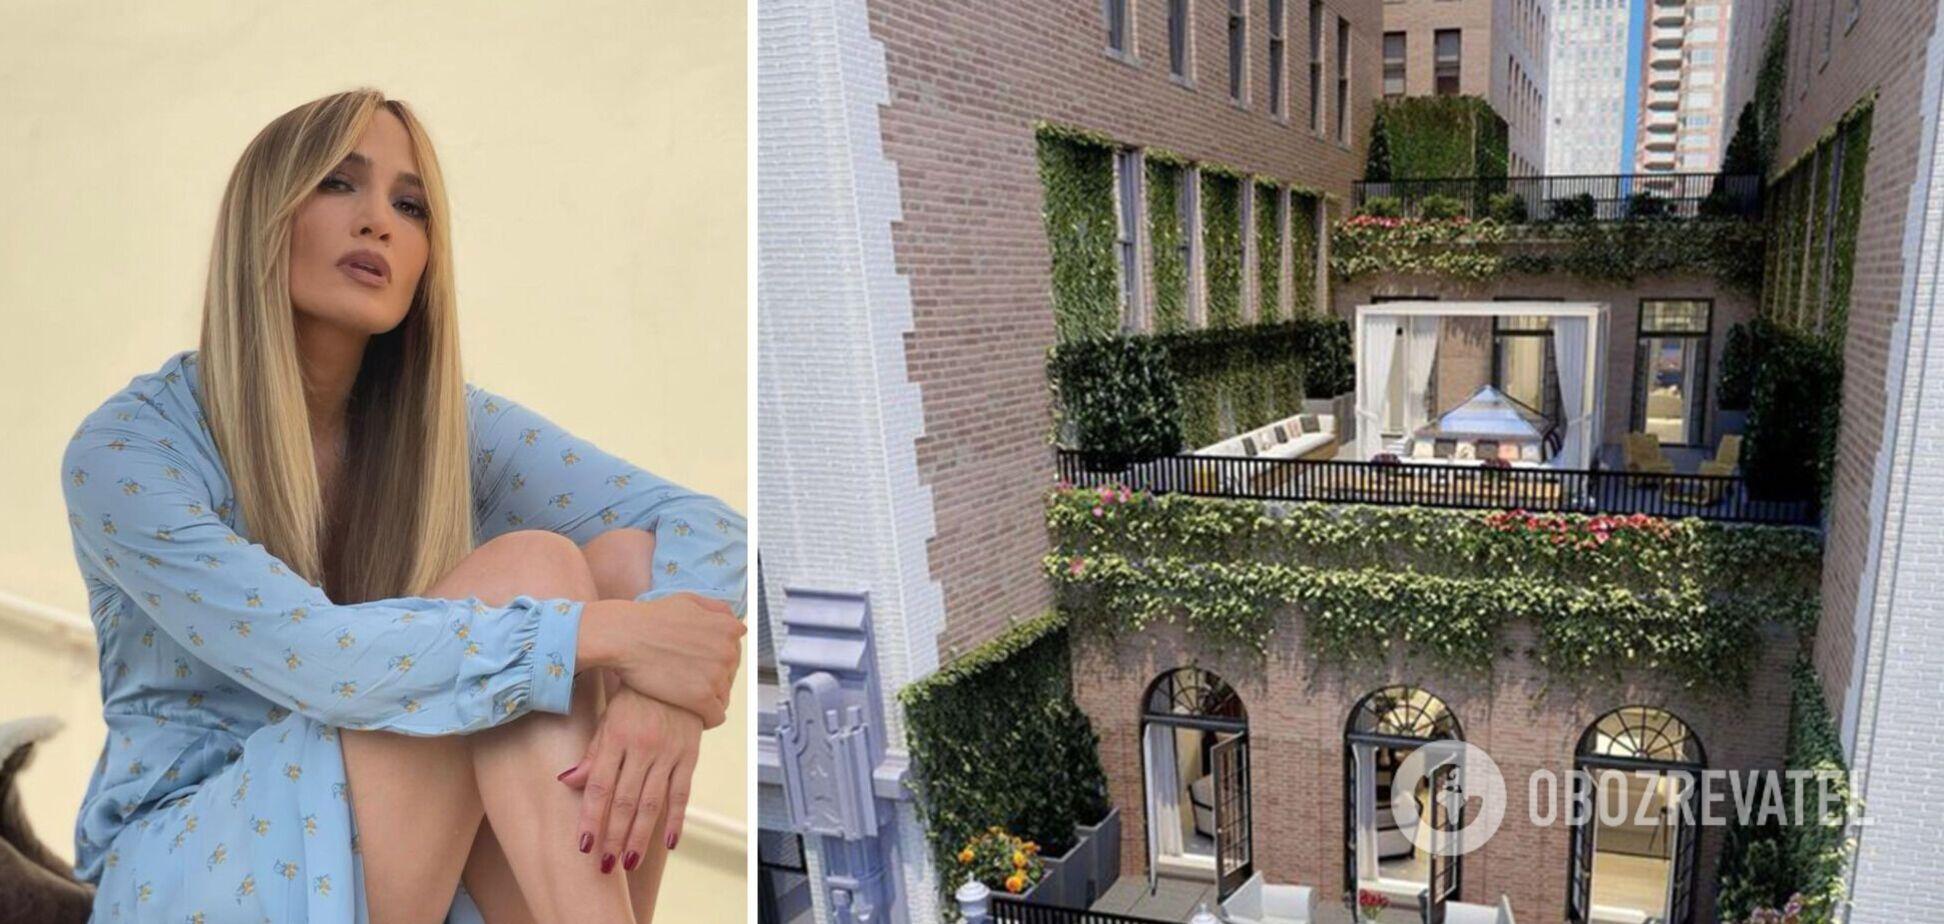 Джей Ло четыре года не может продать пентхаус за $25 млн: как выглядит двухэтажная квартира